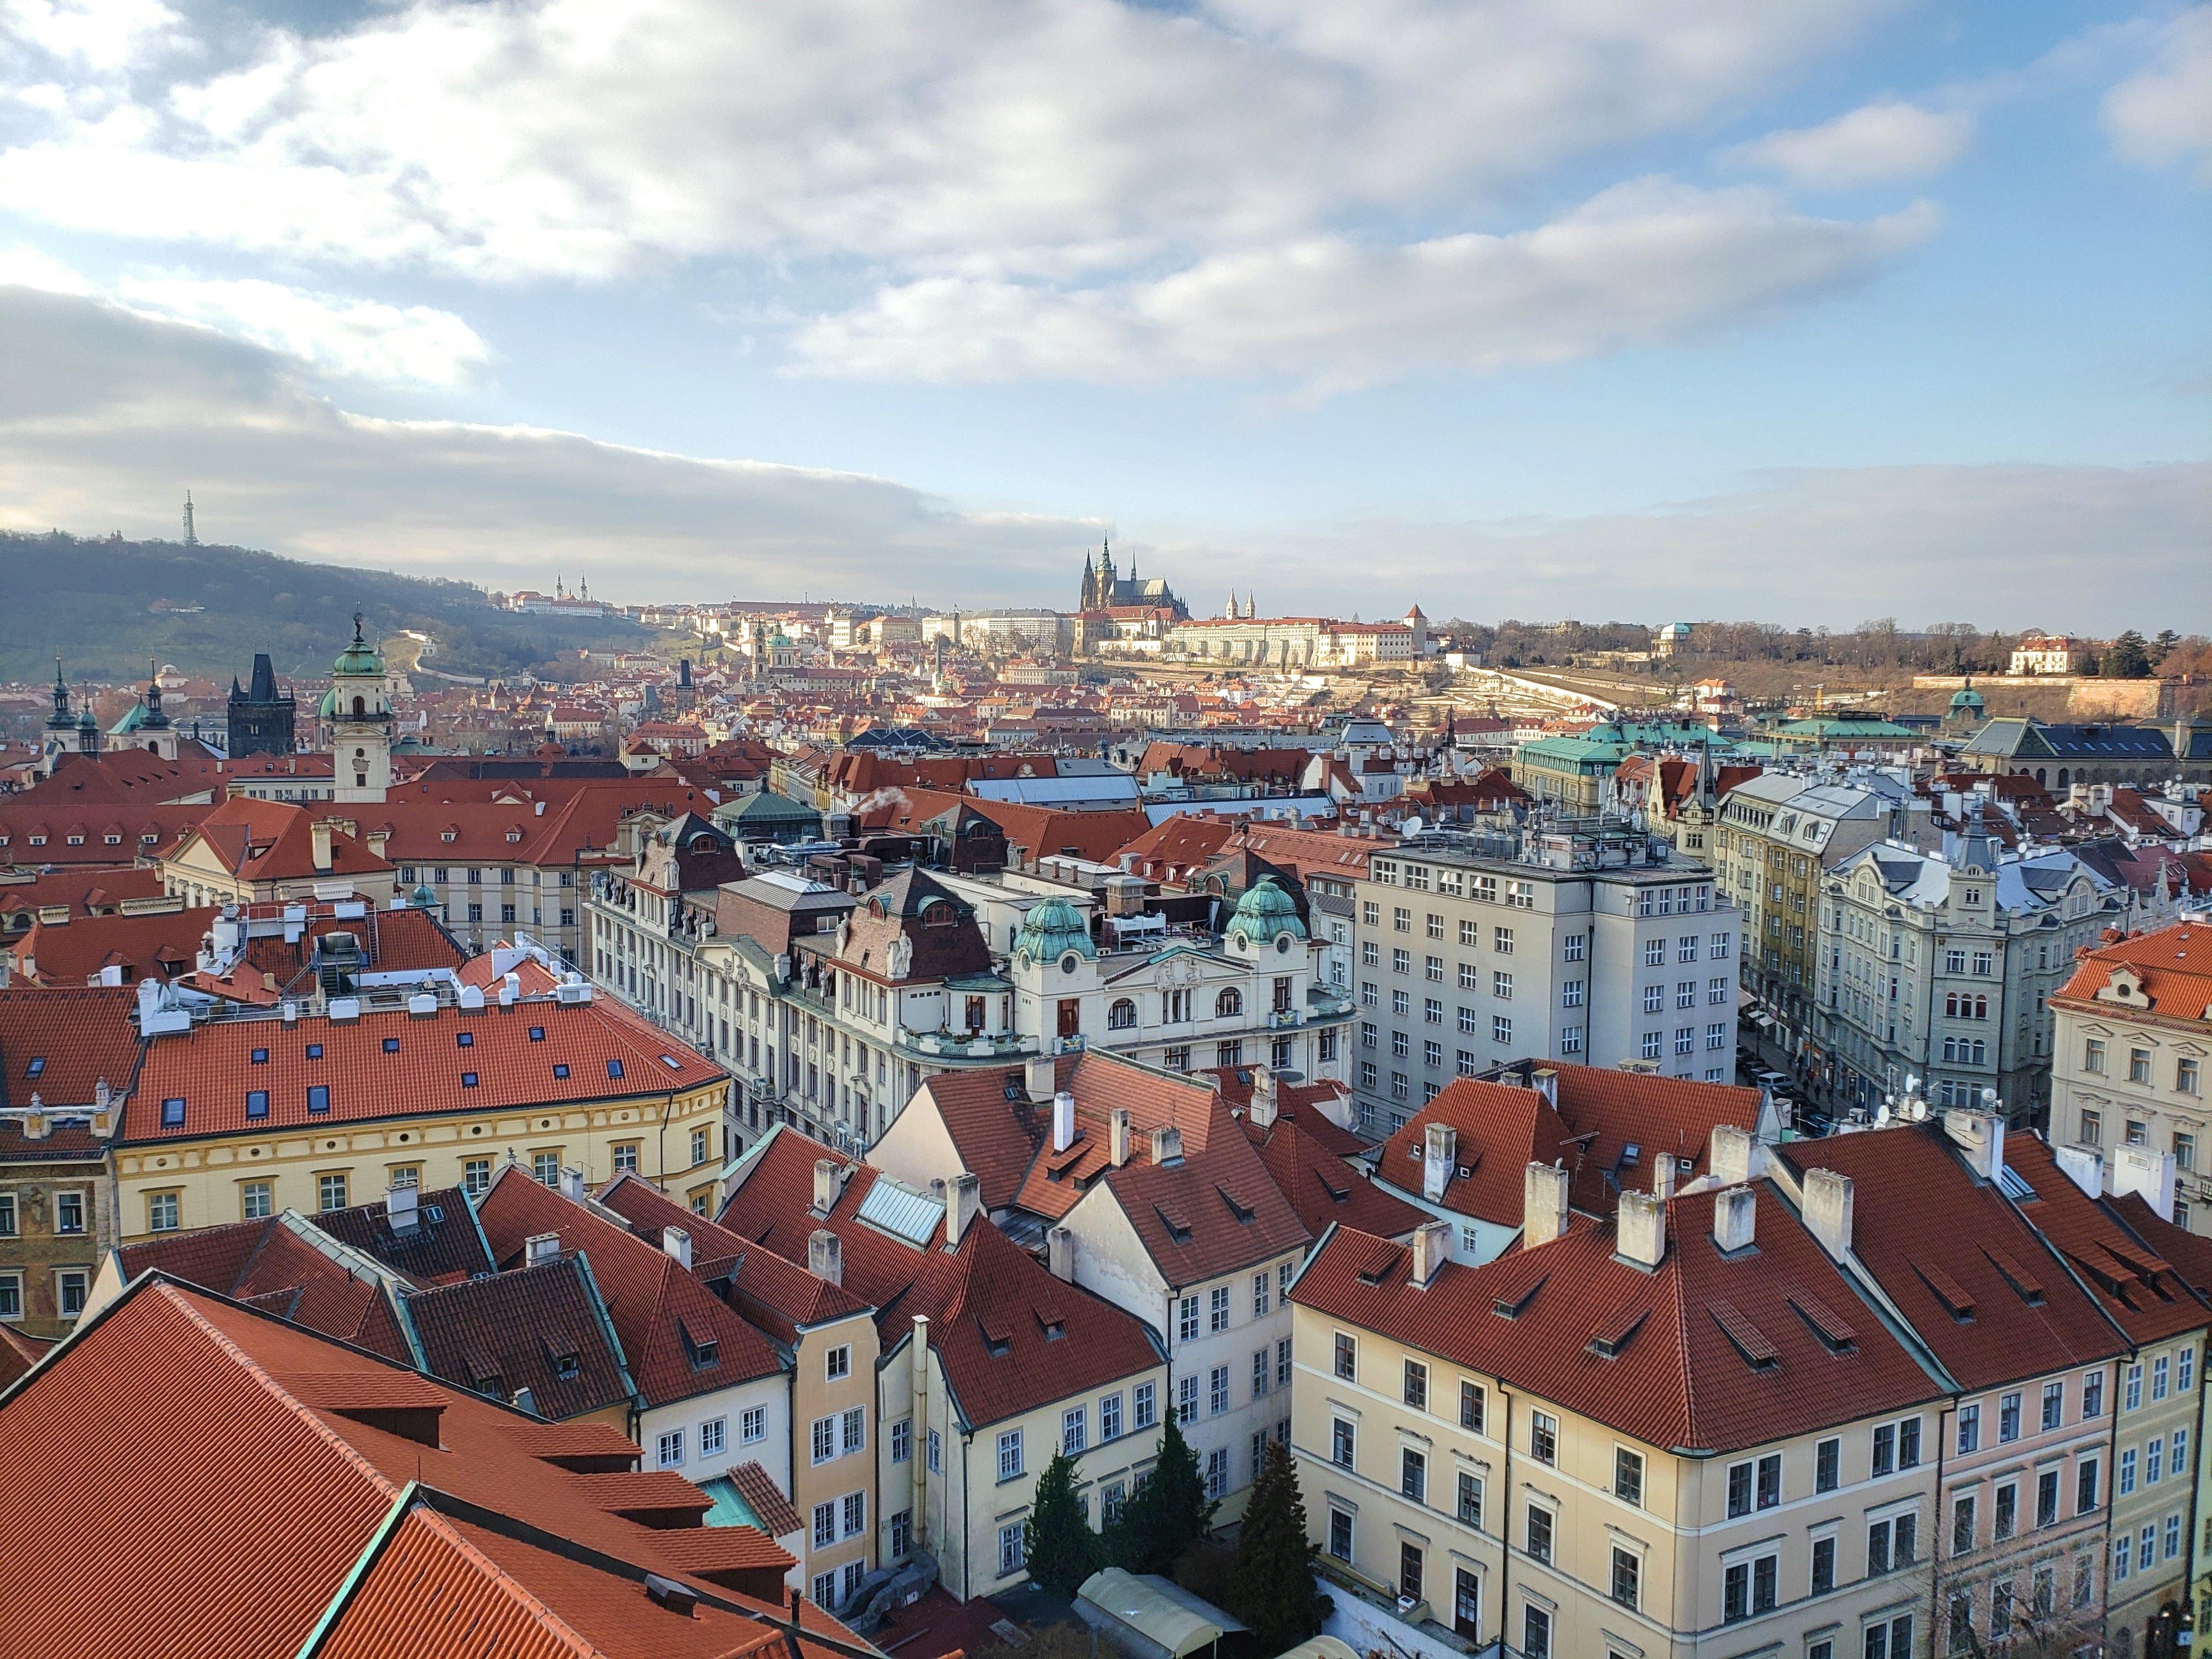 vue sur Prague beffroi hôtel de ville